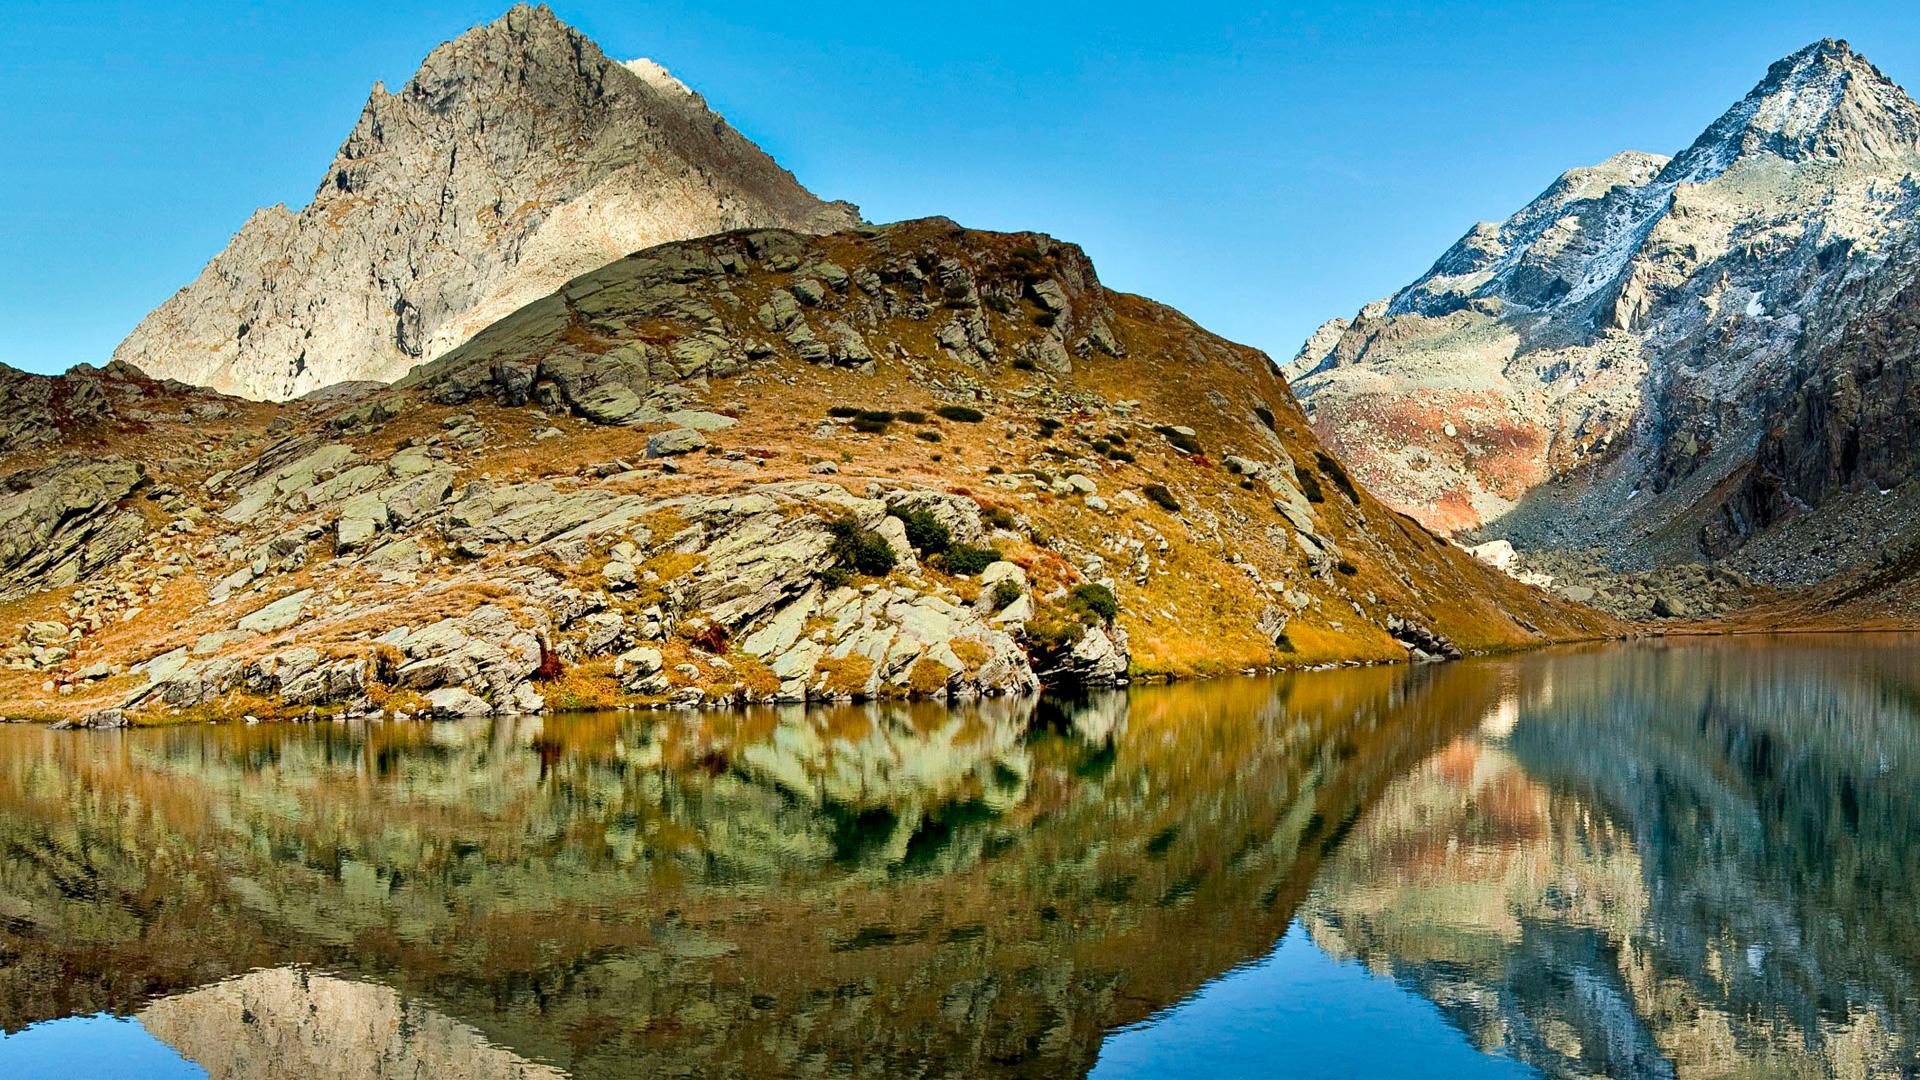 Lago lungo piedmont torre pellice italy. обои скачать